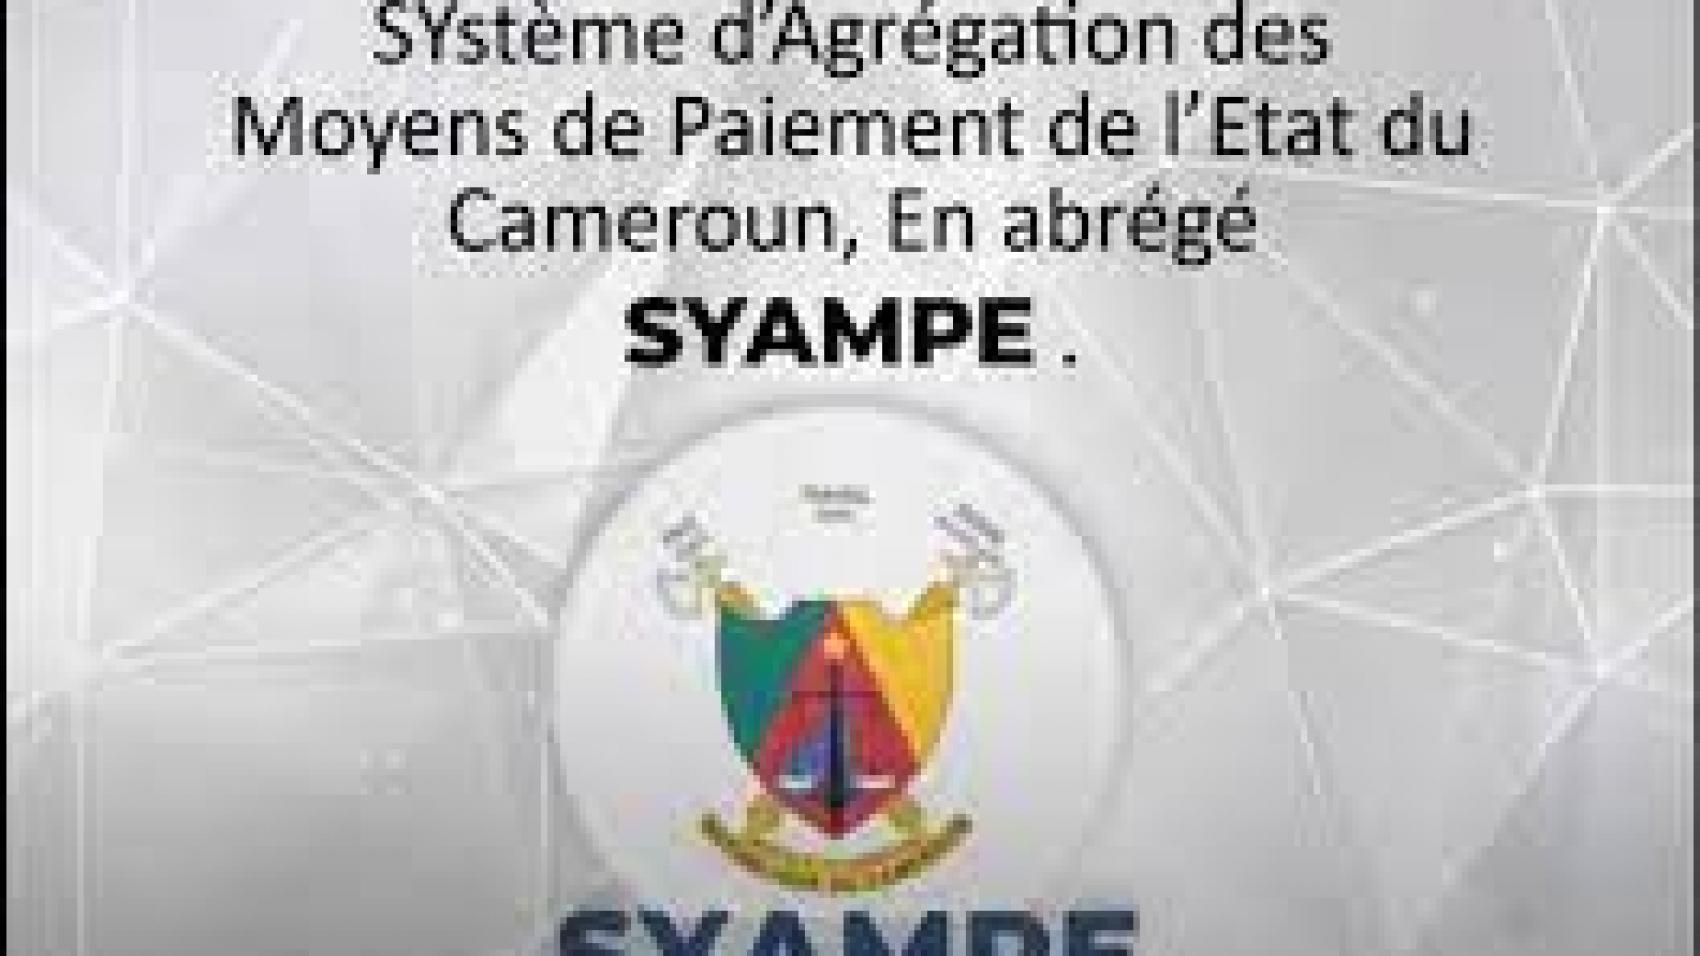 Système d'Agrégation des Moyens de paiement de l'Etat